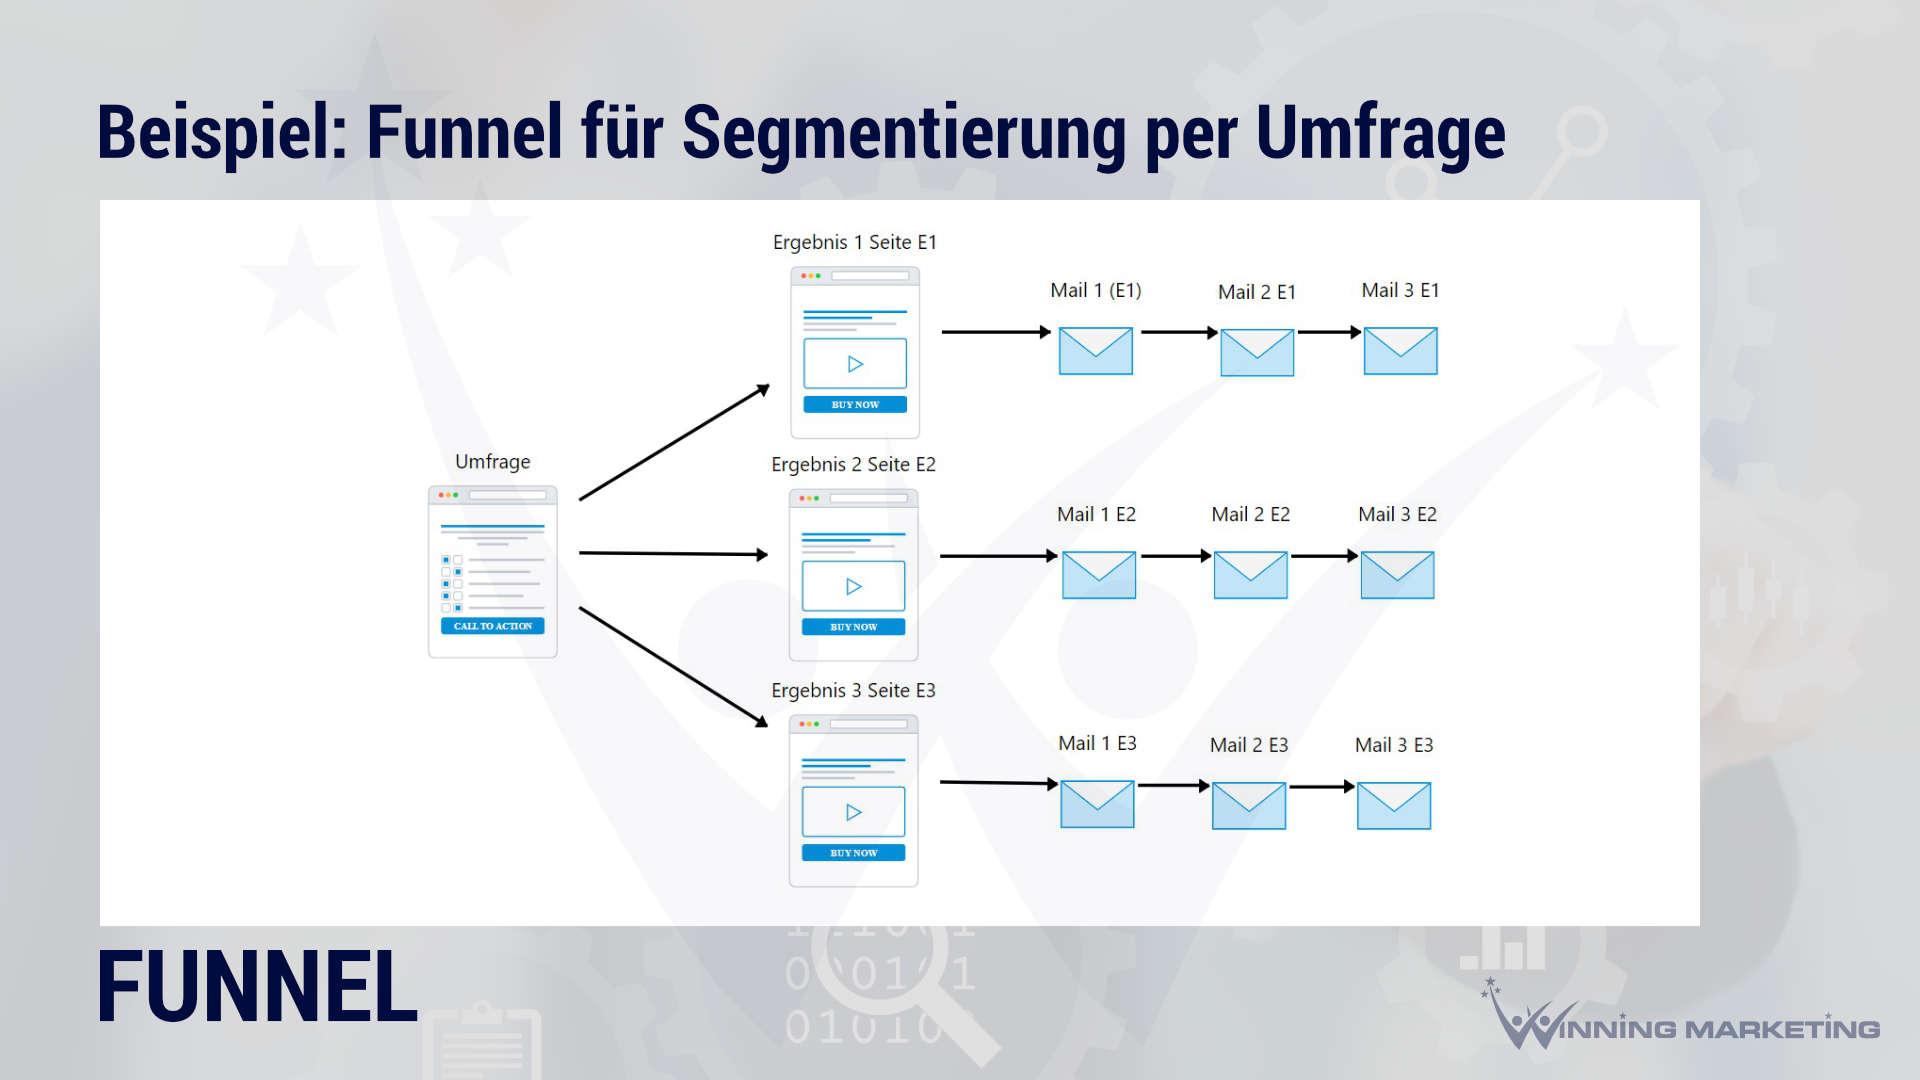 funnel uebersicht beispiel bestellung umfrage segmentierung survey quiz marketing winning marketing